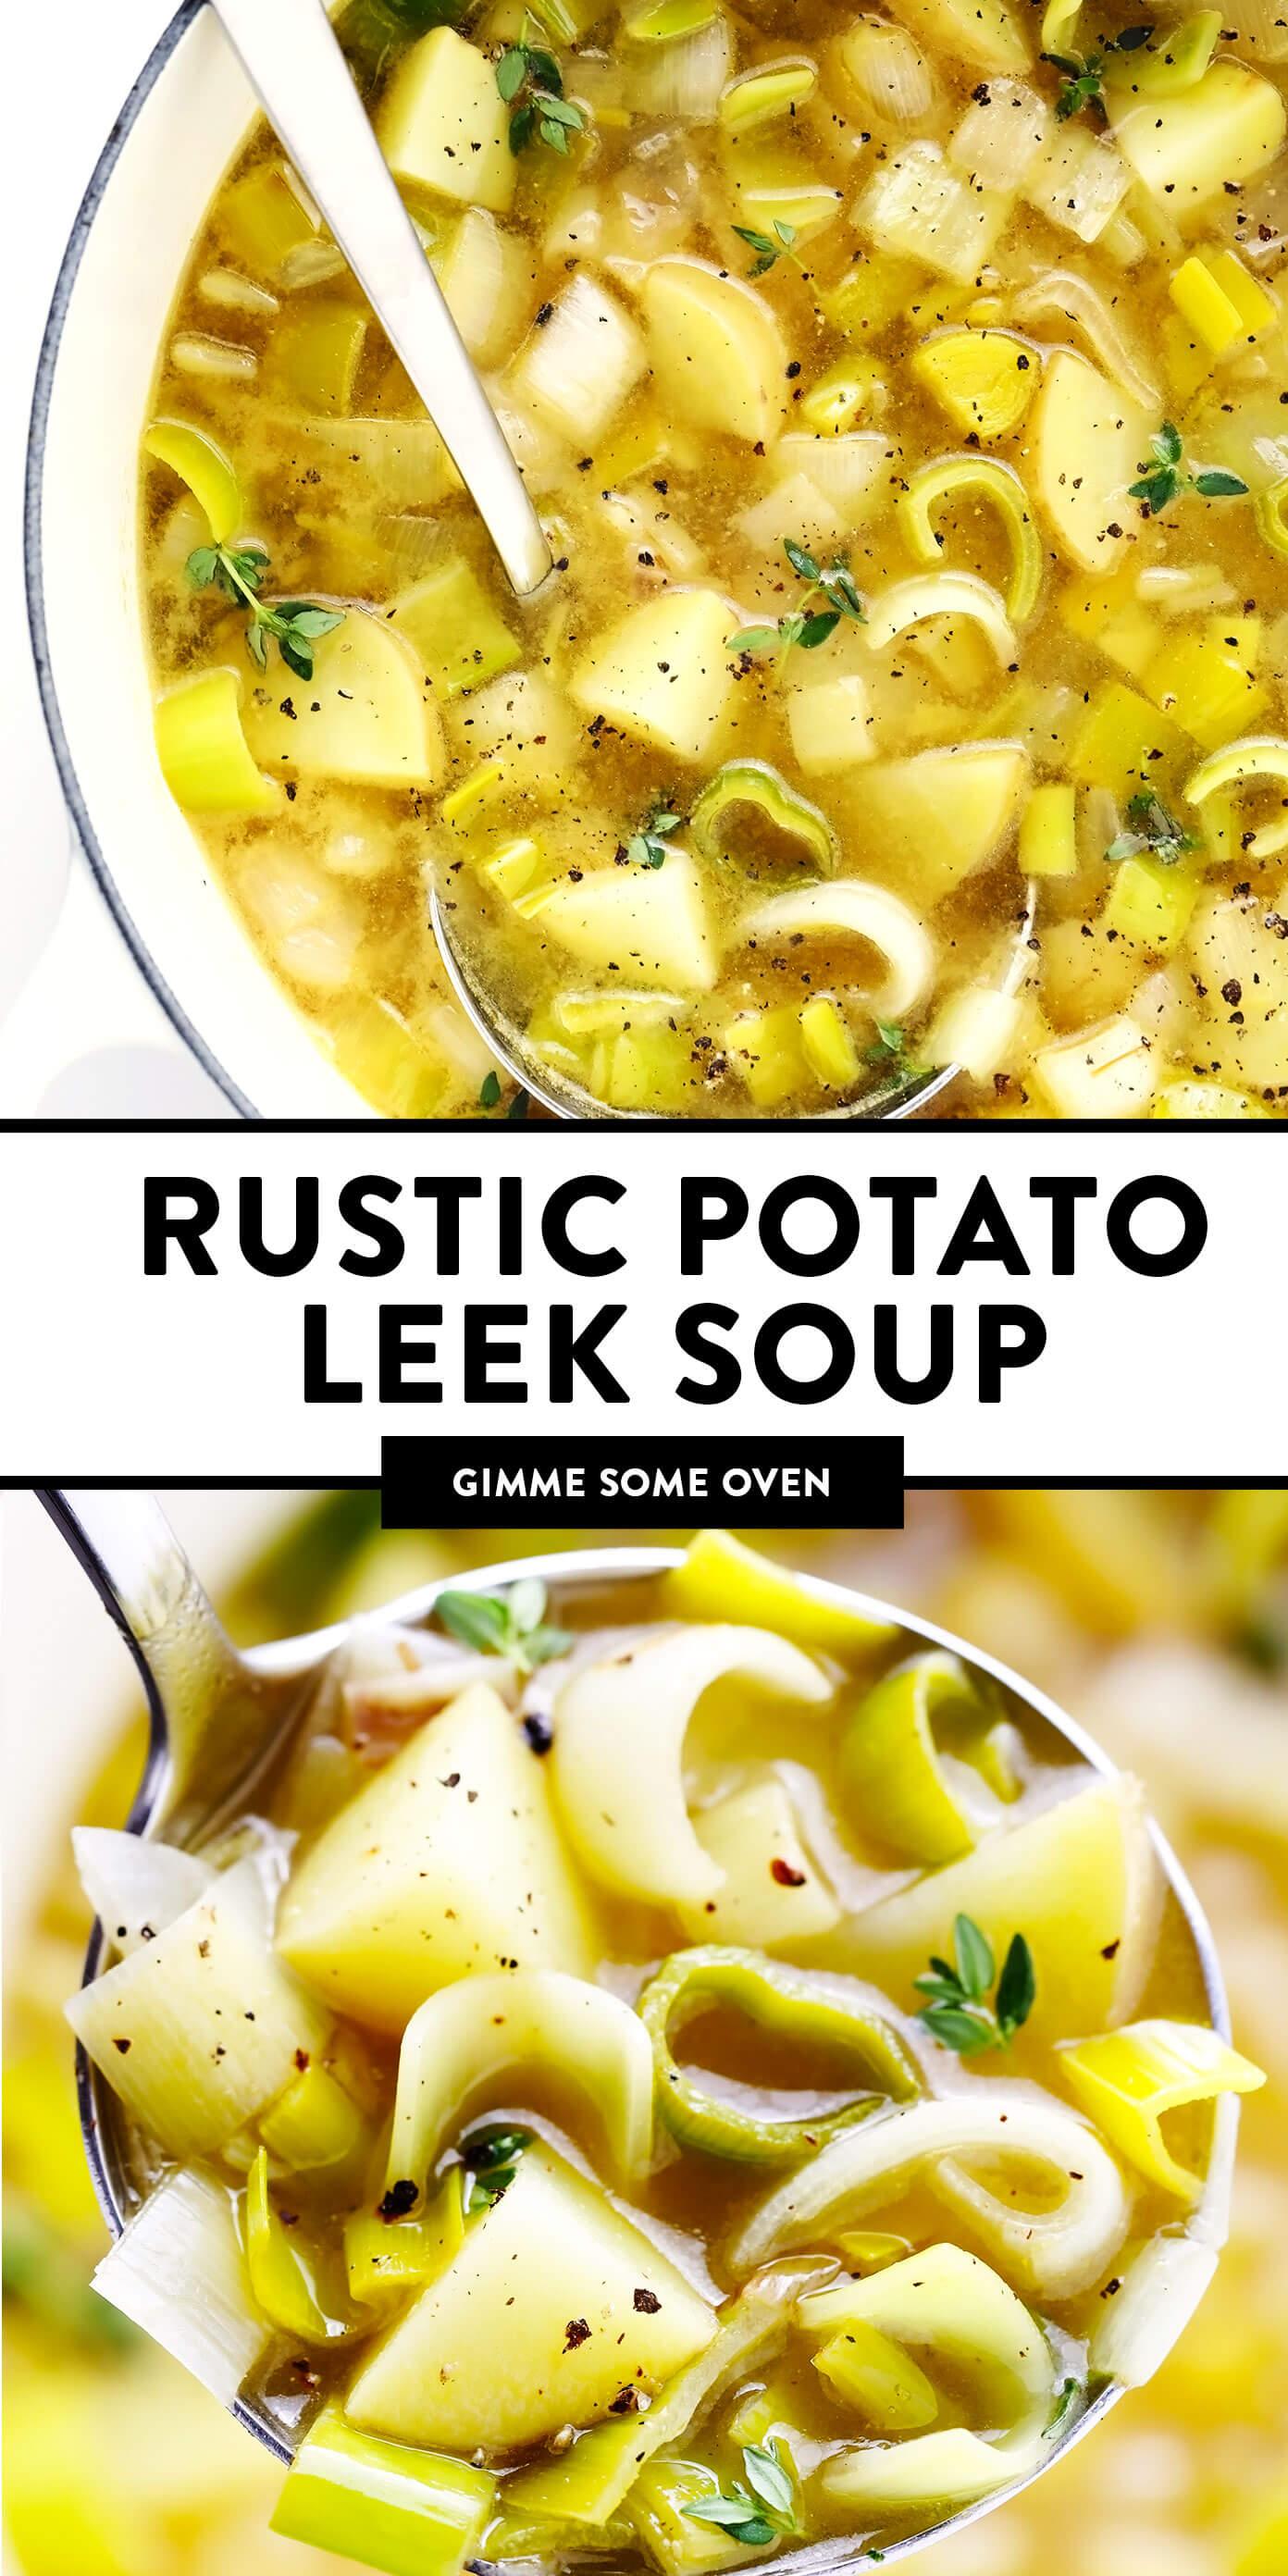 Rustic Potato Leek Soup